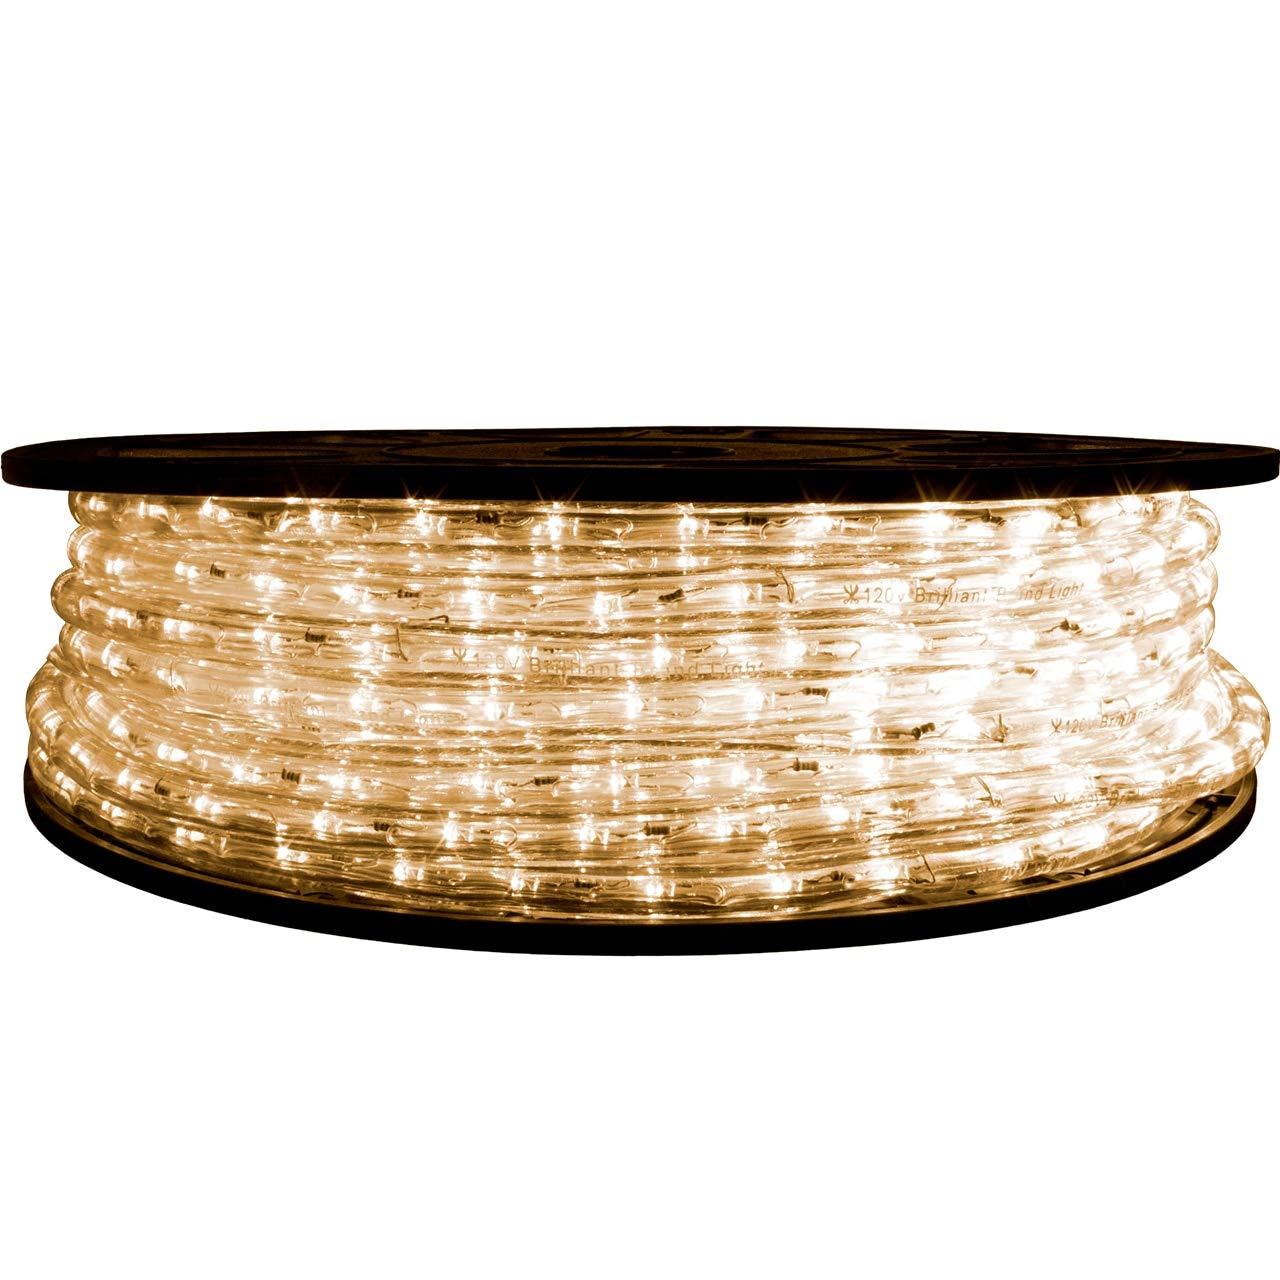 Brilliant Brand Lighting Warm White LED Rope Light - 120 Volt - 65 Feet